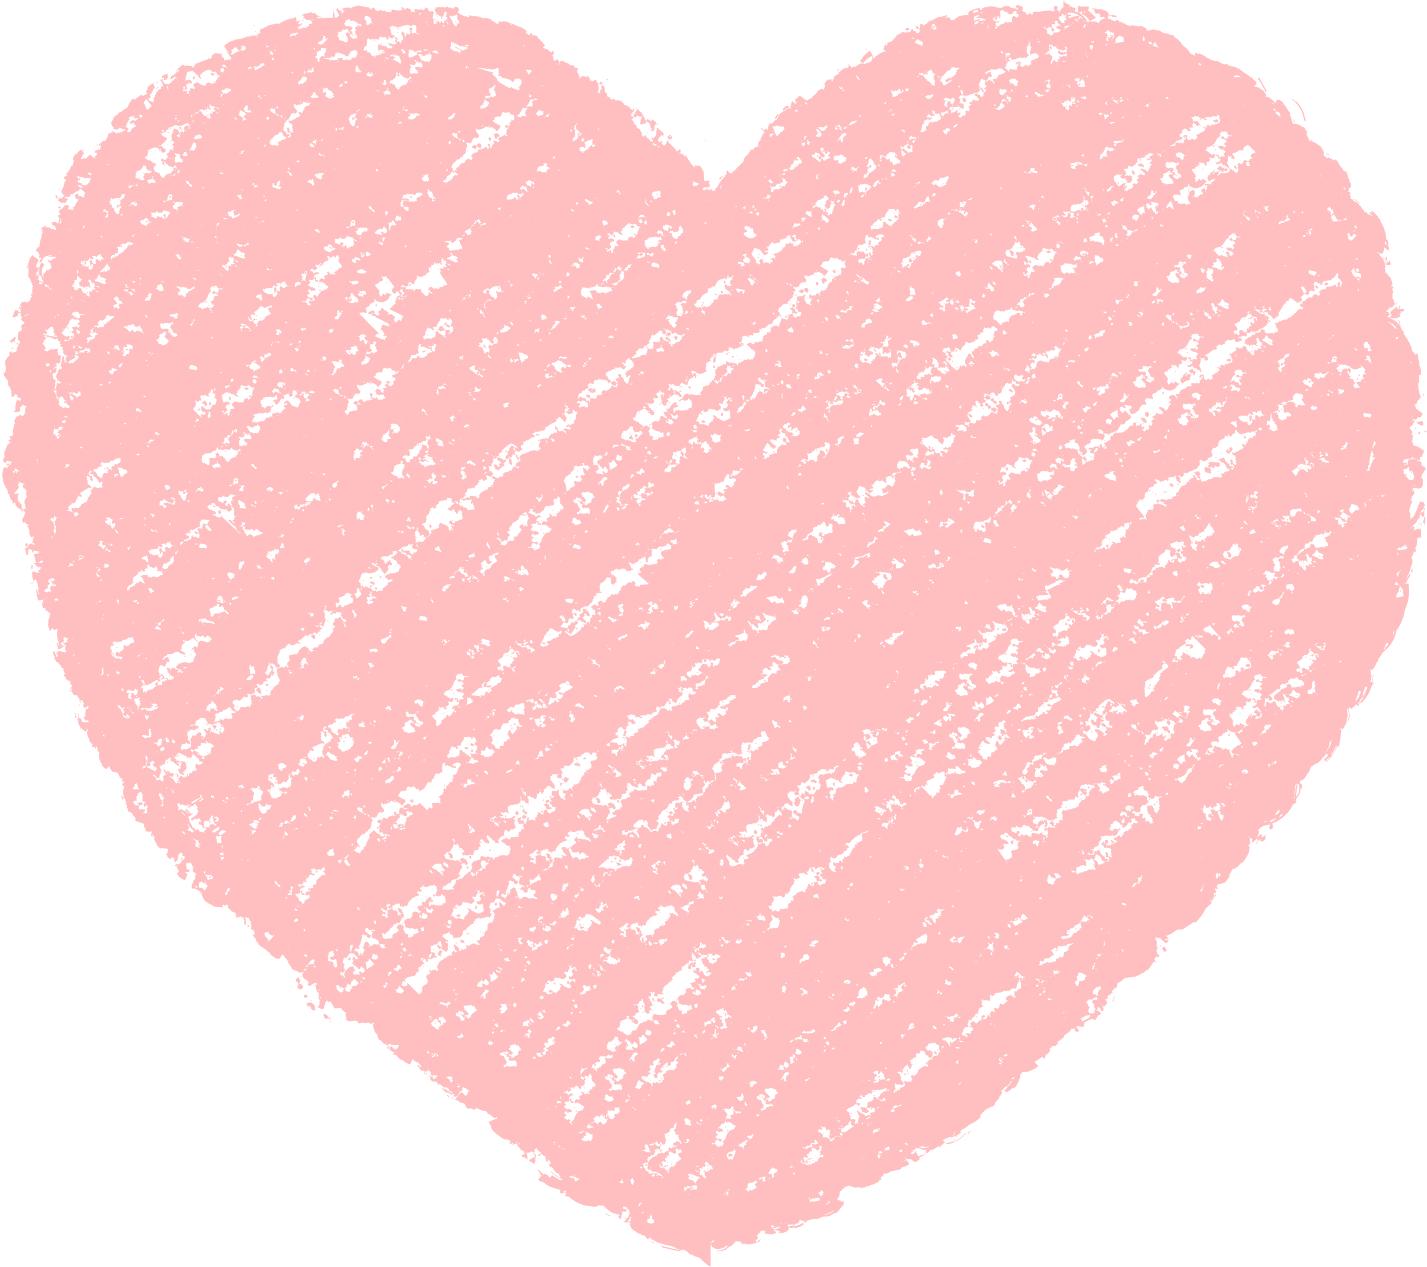 クレヨン塗り背景 パステル 赤色 新(レッド)ハートのイラスト heart_red